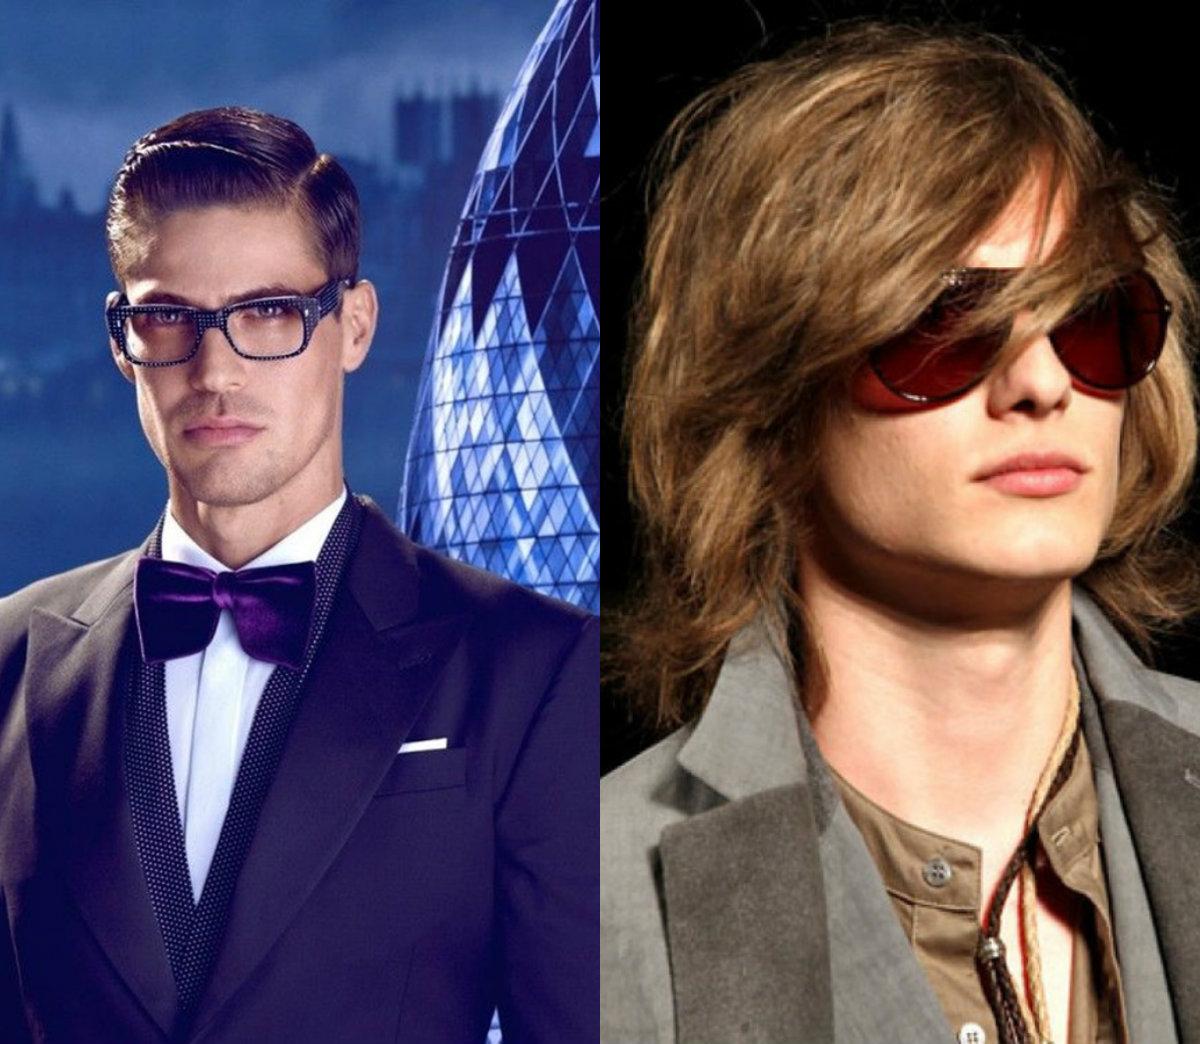 Alguns penteados maravilhosos que lisonjeiam com óculos da moda